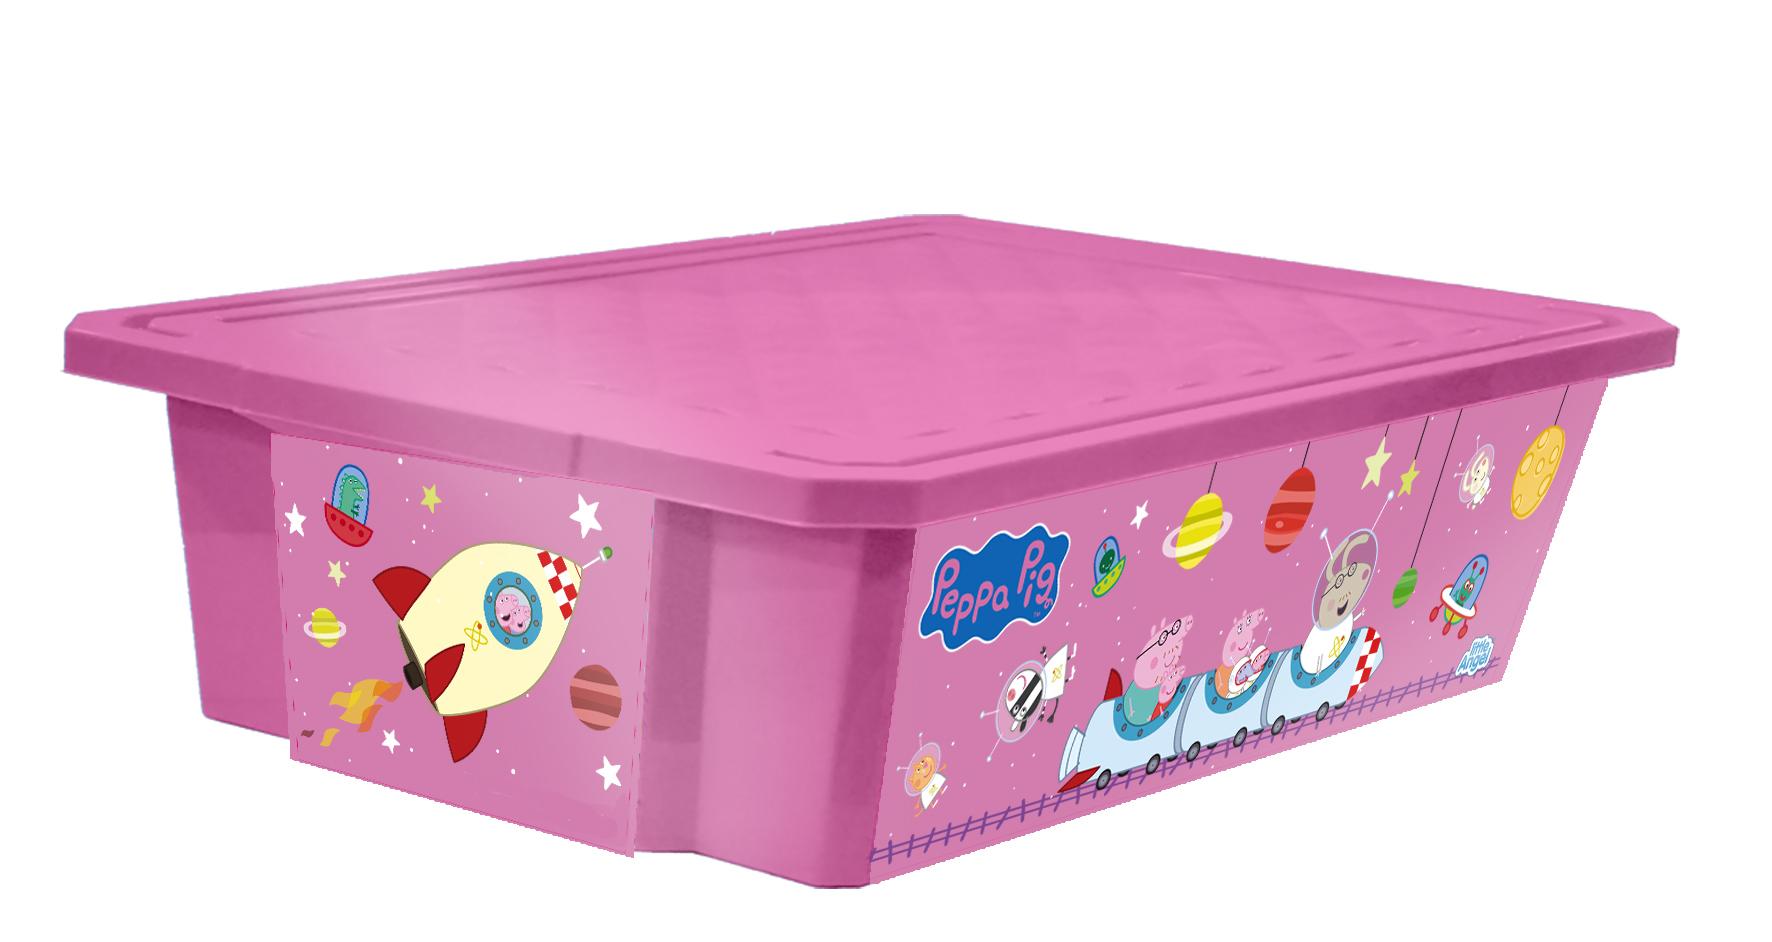 Ящик для хранения игрушек Little Angel Свинка Пеппа. X-BOX, цвет: розовый, 30 лLA0024РРРЗЛучшее решение для поддержания порядка в детской – это большой ящик на колесах. Все игрушки собраны в одном месте, ящик плотно закрывается крышкой, его всегда можно с легкостью переместить. Яркие декоры с любимыми героями наполнят детскую радостью и помогут приучить малыша к порядку. Преимущества: эксклюзивные декоры с любимыми героями; эффективные колеса-роллеры на дне; надежная крышка с привлекательной текстурой; возможность штабелирования ящиков друг на друга; декор размещен на всех сторонах ящика.